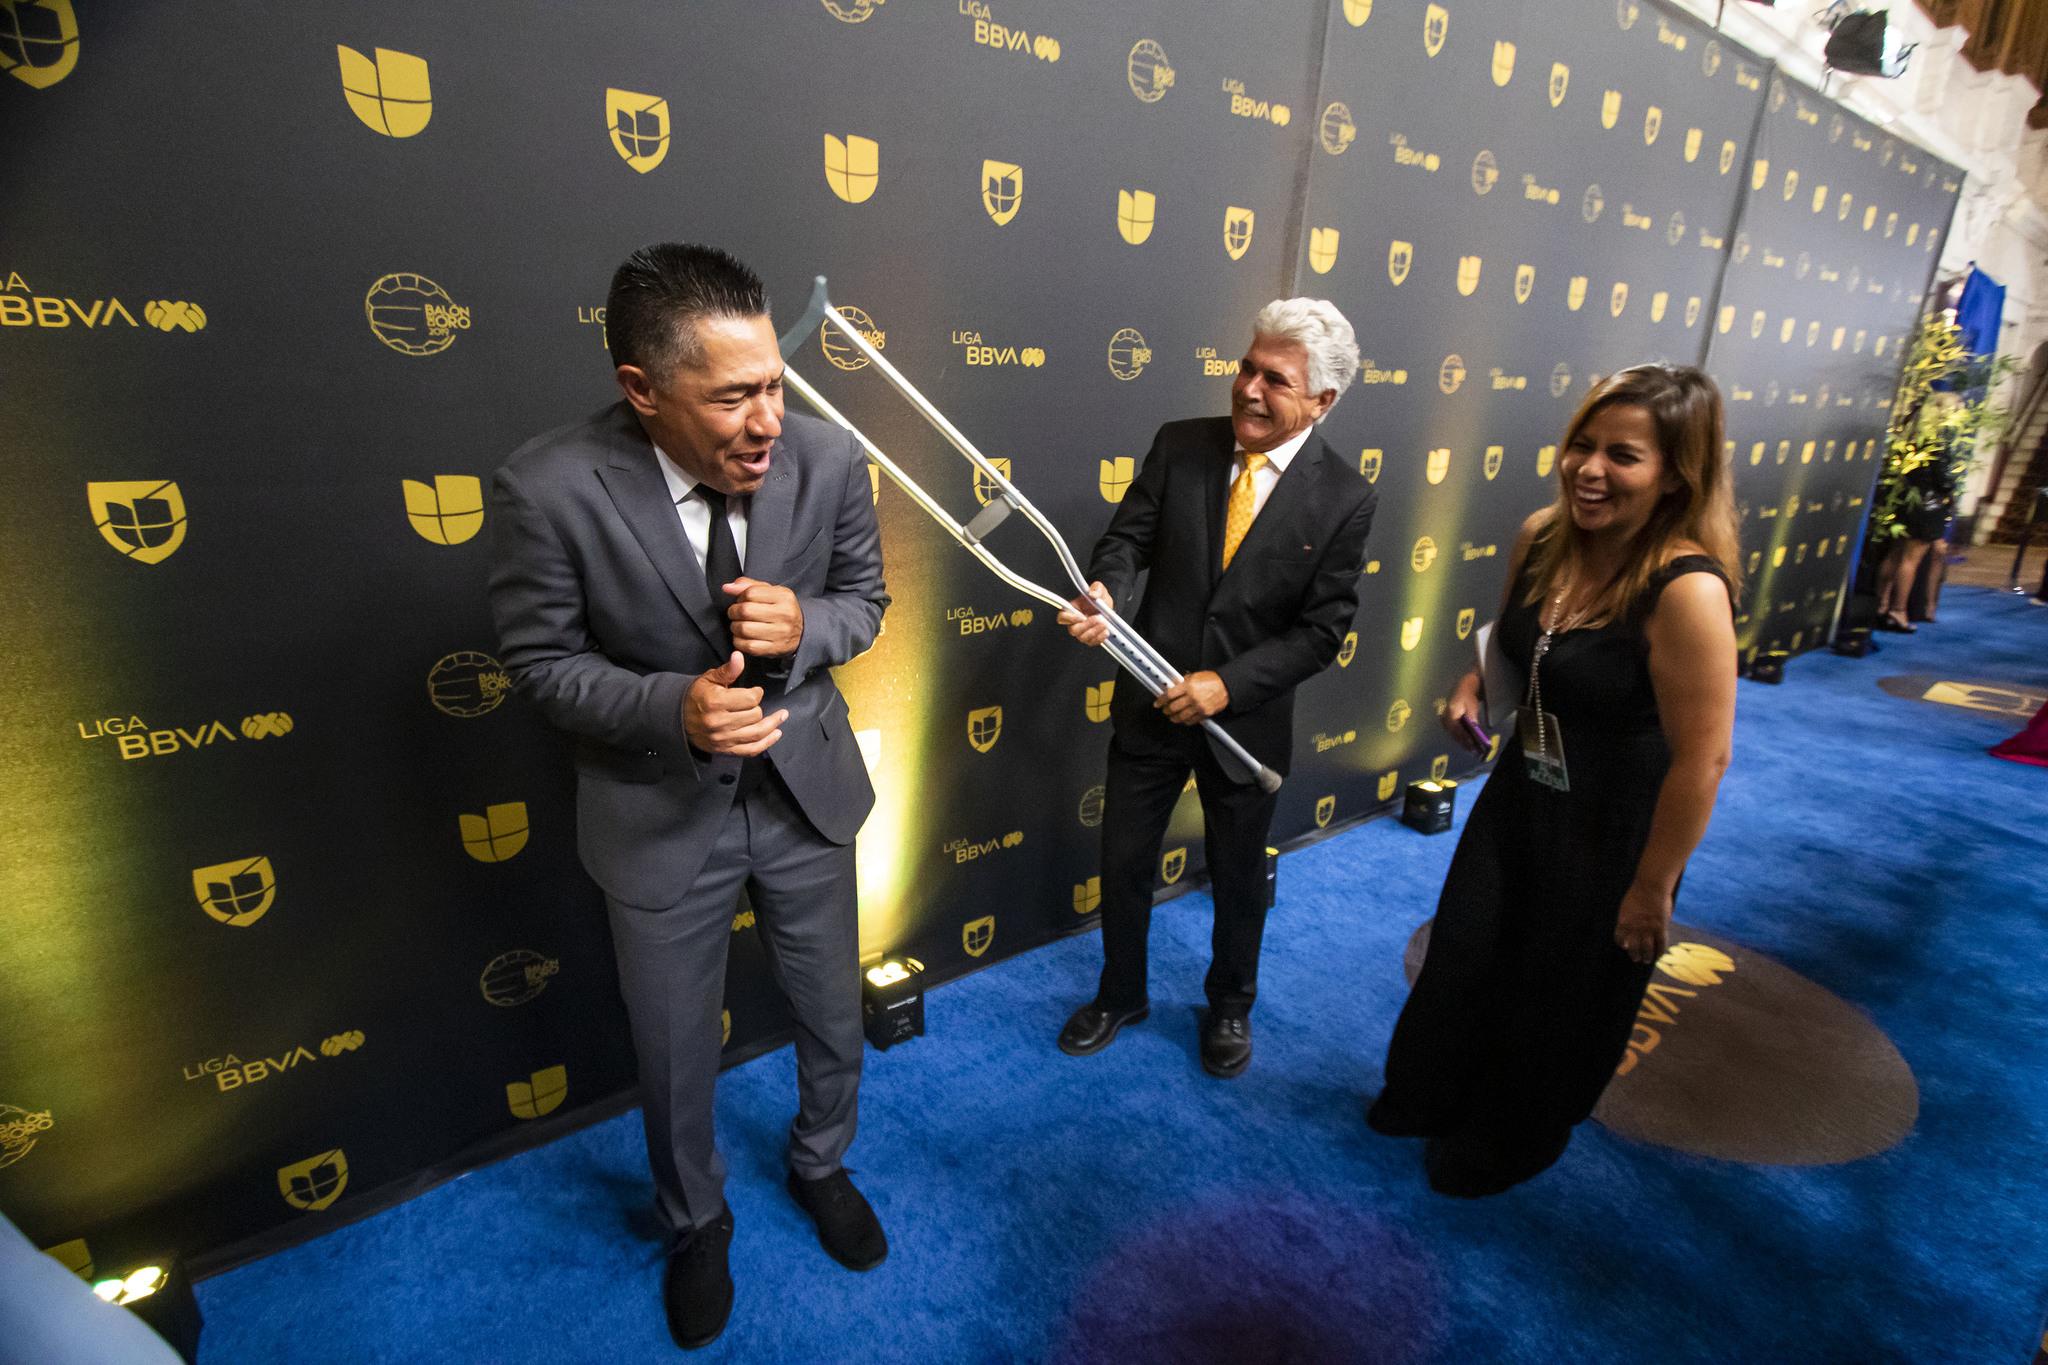 GALERÍA: Las mejores imágenes de la entrega del Balón de Oro